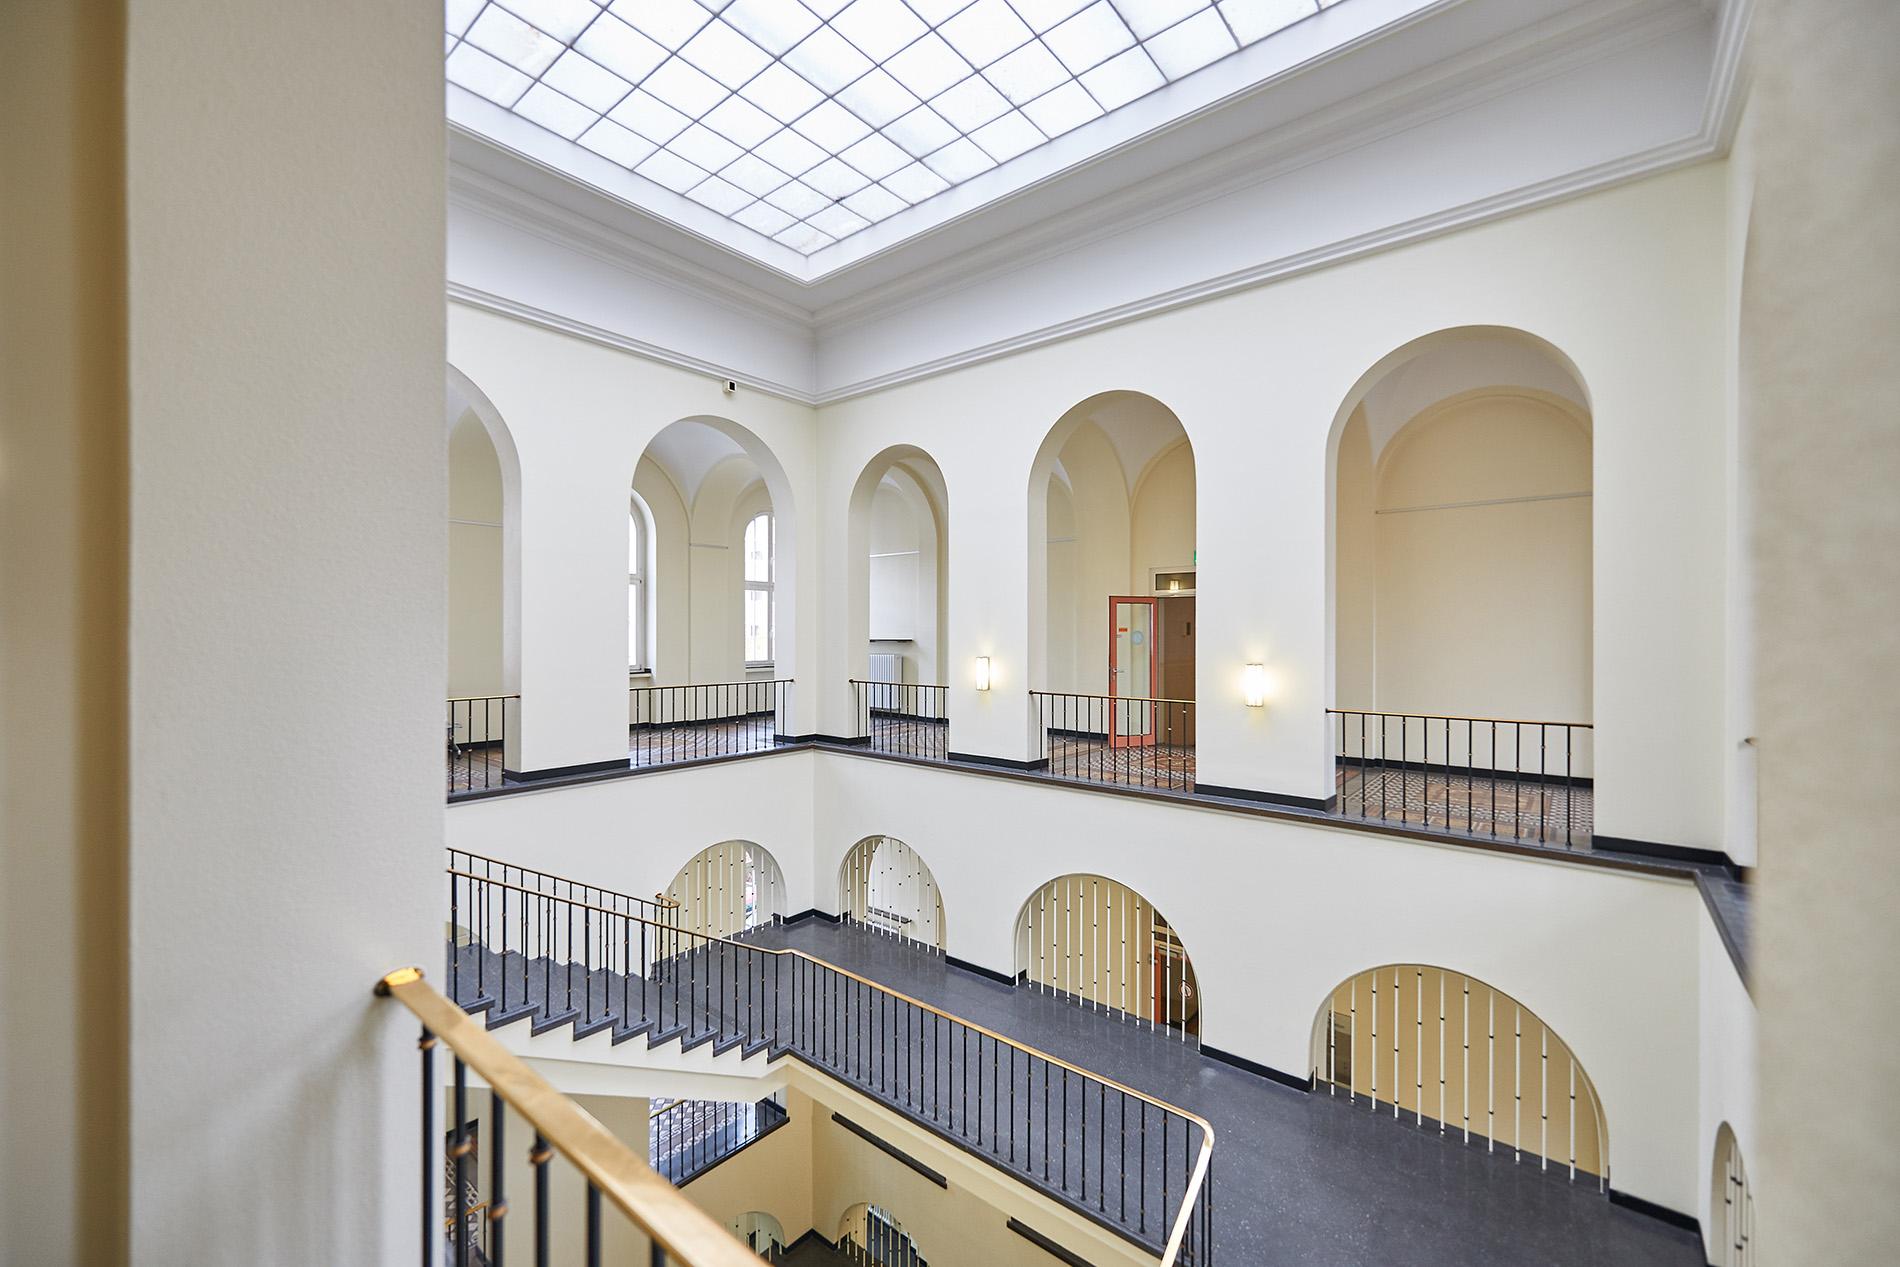 Fotodesign-matthias-schuetz-Dortmund